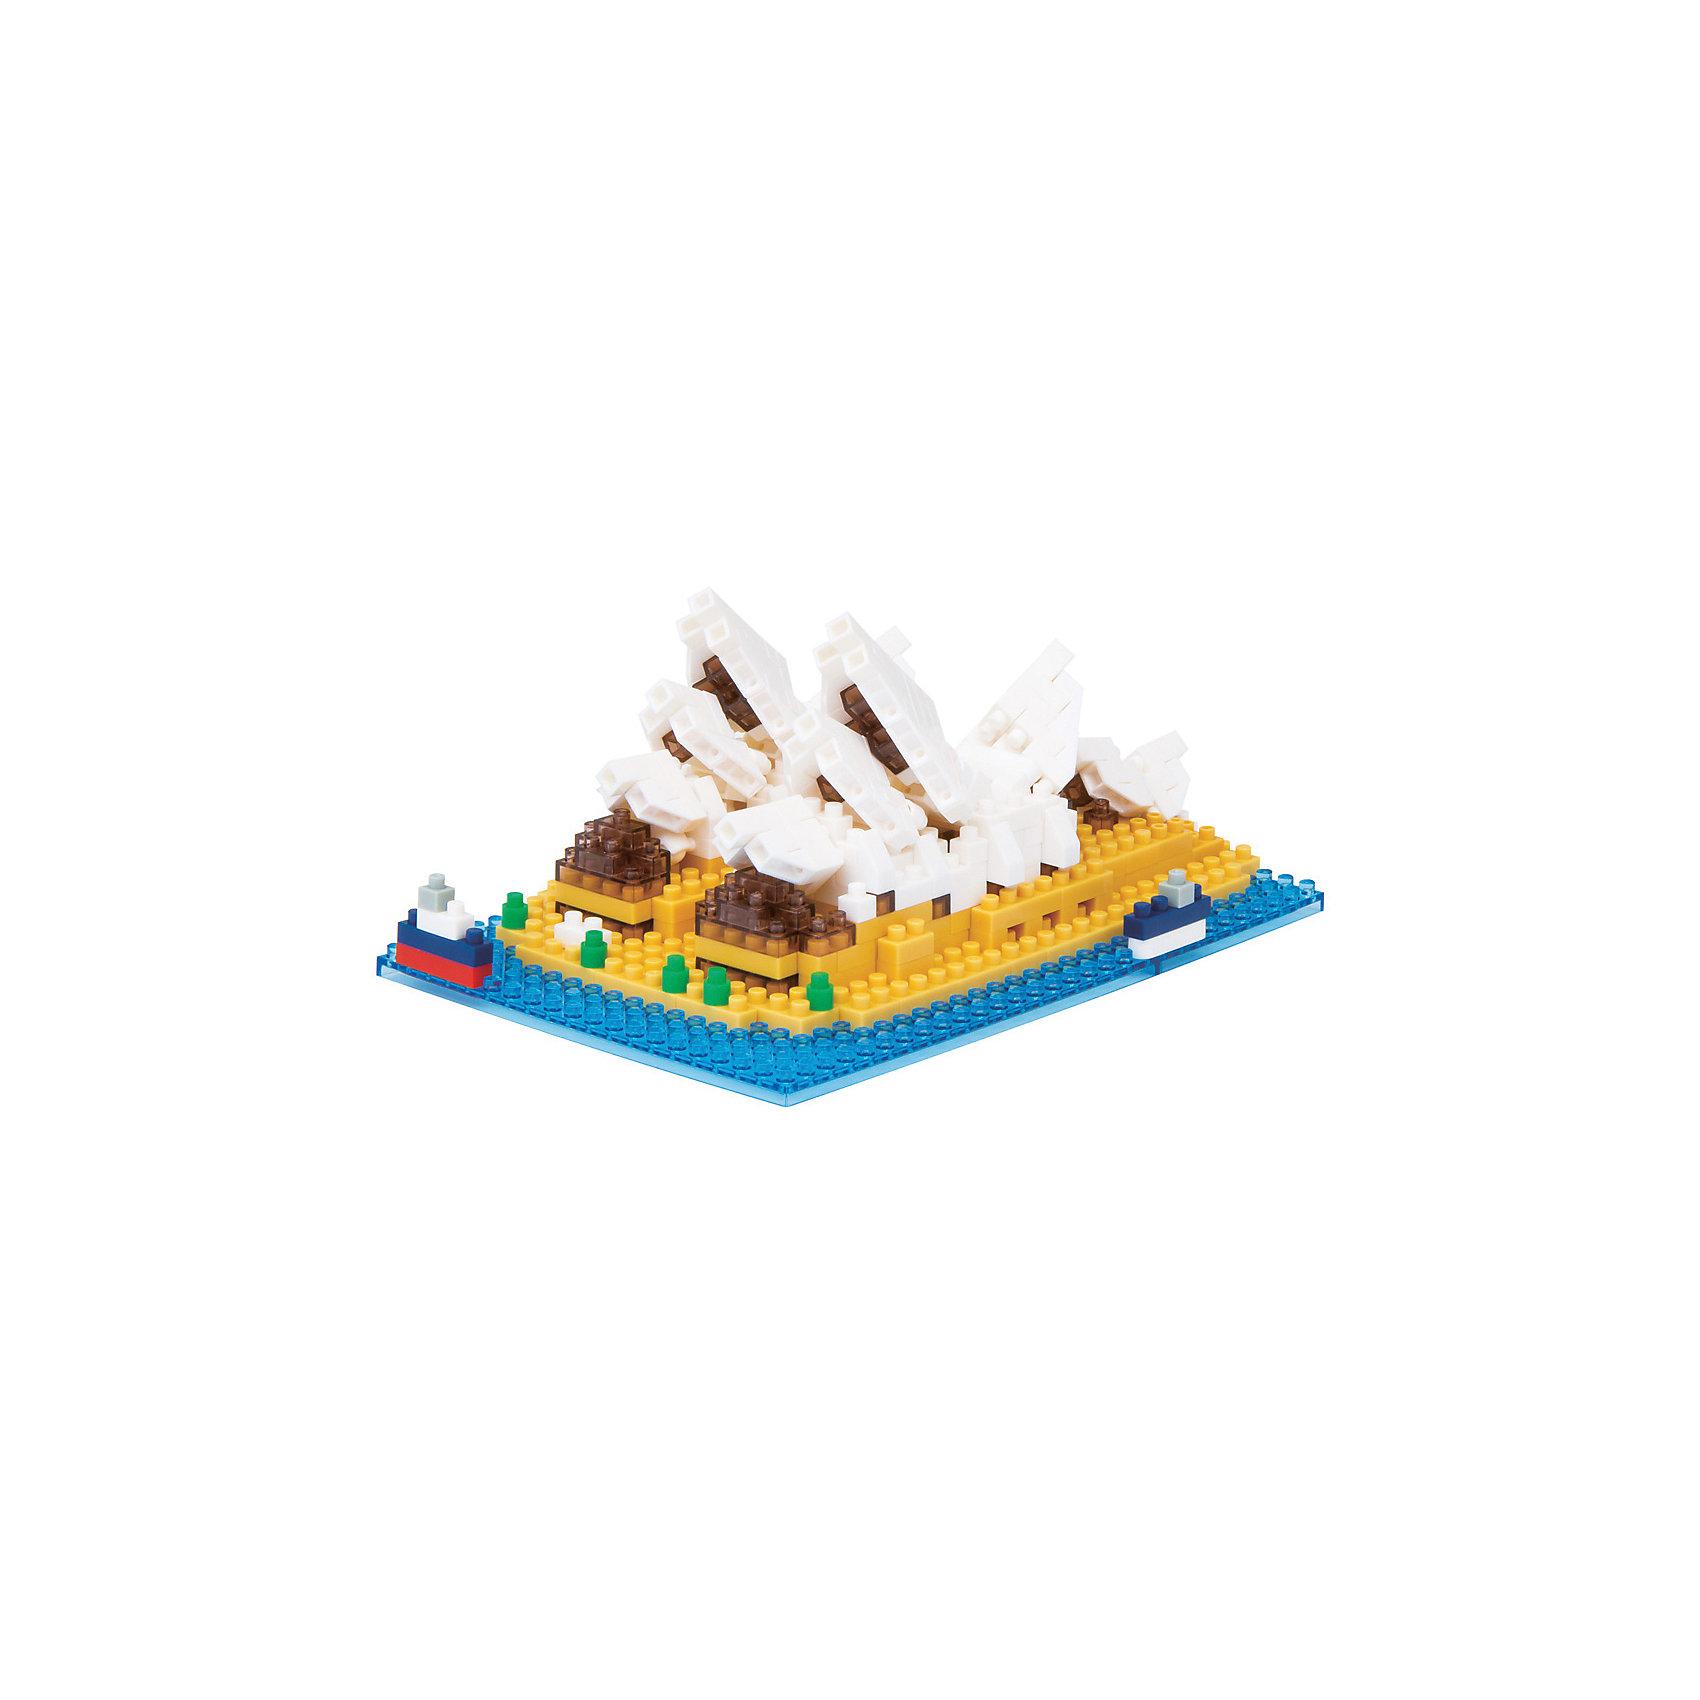 Сиднейский оперный театр, nanoblockДом-ракушка, гигантский цветок лотоса, флотилия парусников, белое облако - все это Сиднейская Опера, ставшая символом Австралии и одним из самых узнаваемых зданий в мире! Эта мини-модель Наноблок интересна конструктивной особенностью крыши - дизайнерам пришлось потрудиться, чтобы придумать как сделать лепестки крыши наклонными и при этом гладкими. Здесь пригодился фирменный шарнир конструктора, который уже встречался в наборах Космический Центр, Бегемот и Богомол.<br><br>Дополнительная информация:<br><br>Размер собранной модели (ДхШхВ): 120х80х52мм<br>Сложность: 4/5<br>Примерное время сборки: 1 час.<br>В комплекте: 430 деталей + запасные, площадка-основание 8х8см, подробная графическая схема сборки.<br>Самая маленькая деталь конструктора - 4х4мм, а классический прямоугольный элемент 2-на-4 точки имеет размер 8х16мм и 5мм высотой.<br><br>Конструктор Сиднейский оперный театр, nanoblock (наноблок) можно купить в нашем магазине.<br><br>Ширина мм: 145<br>Глубина мм: 45<br>Высота мм: 145<br>Вес г: 150<br>Возраст от месяцев: 108<br>Возраст до месяцев: 1188<br>Пол: Унисекс<br>Возраст: Детский<br>SKU: 4085722